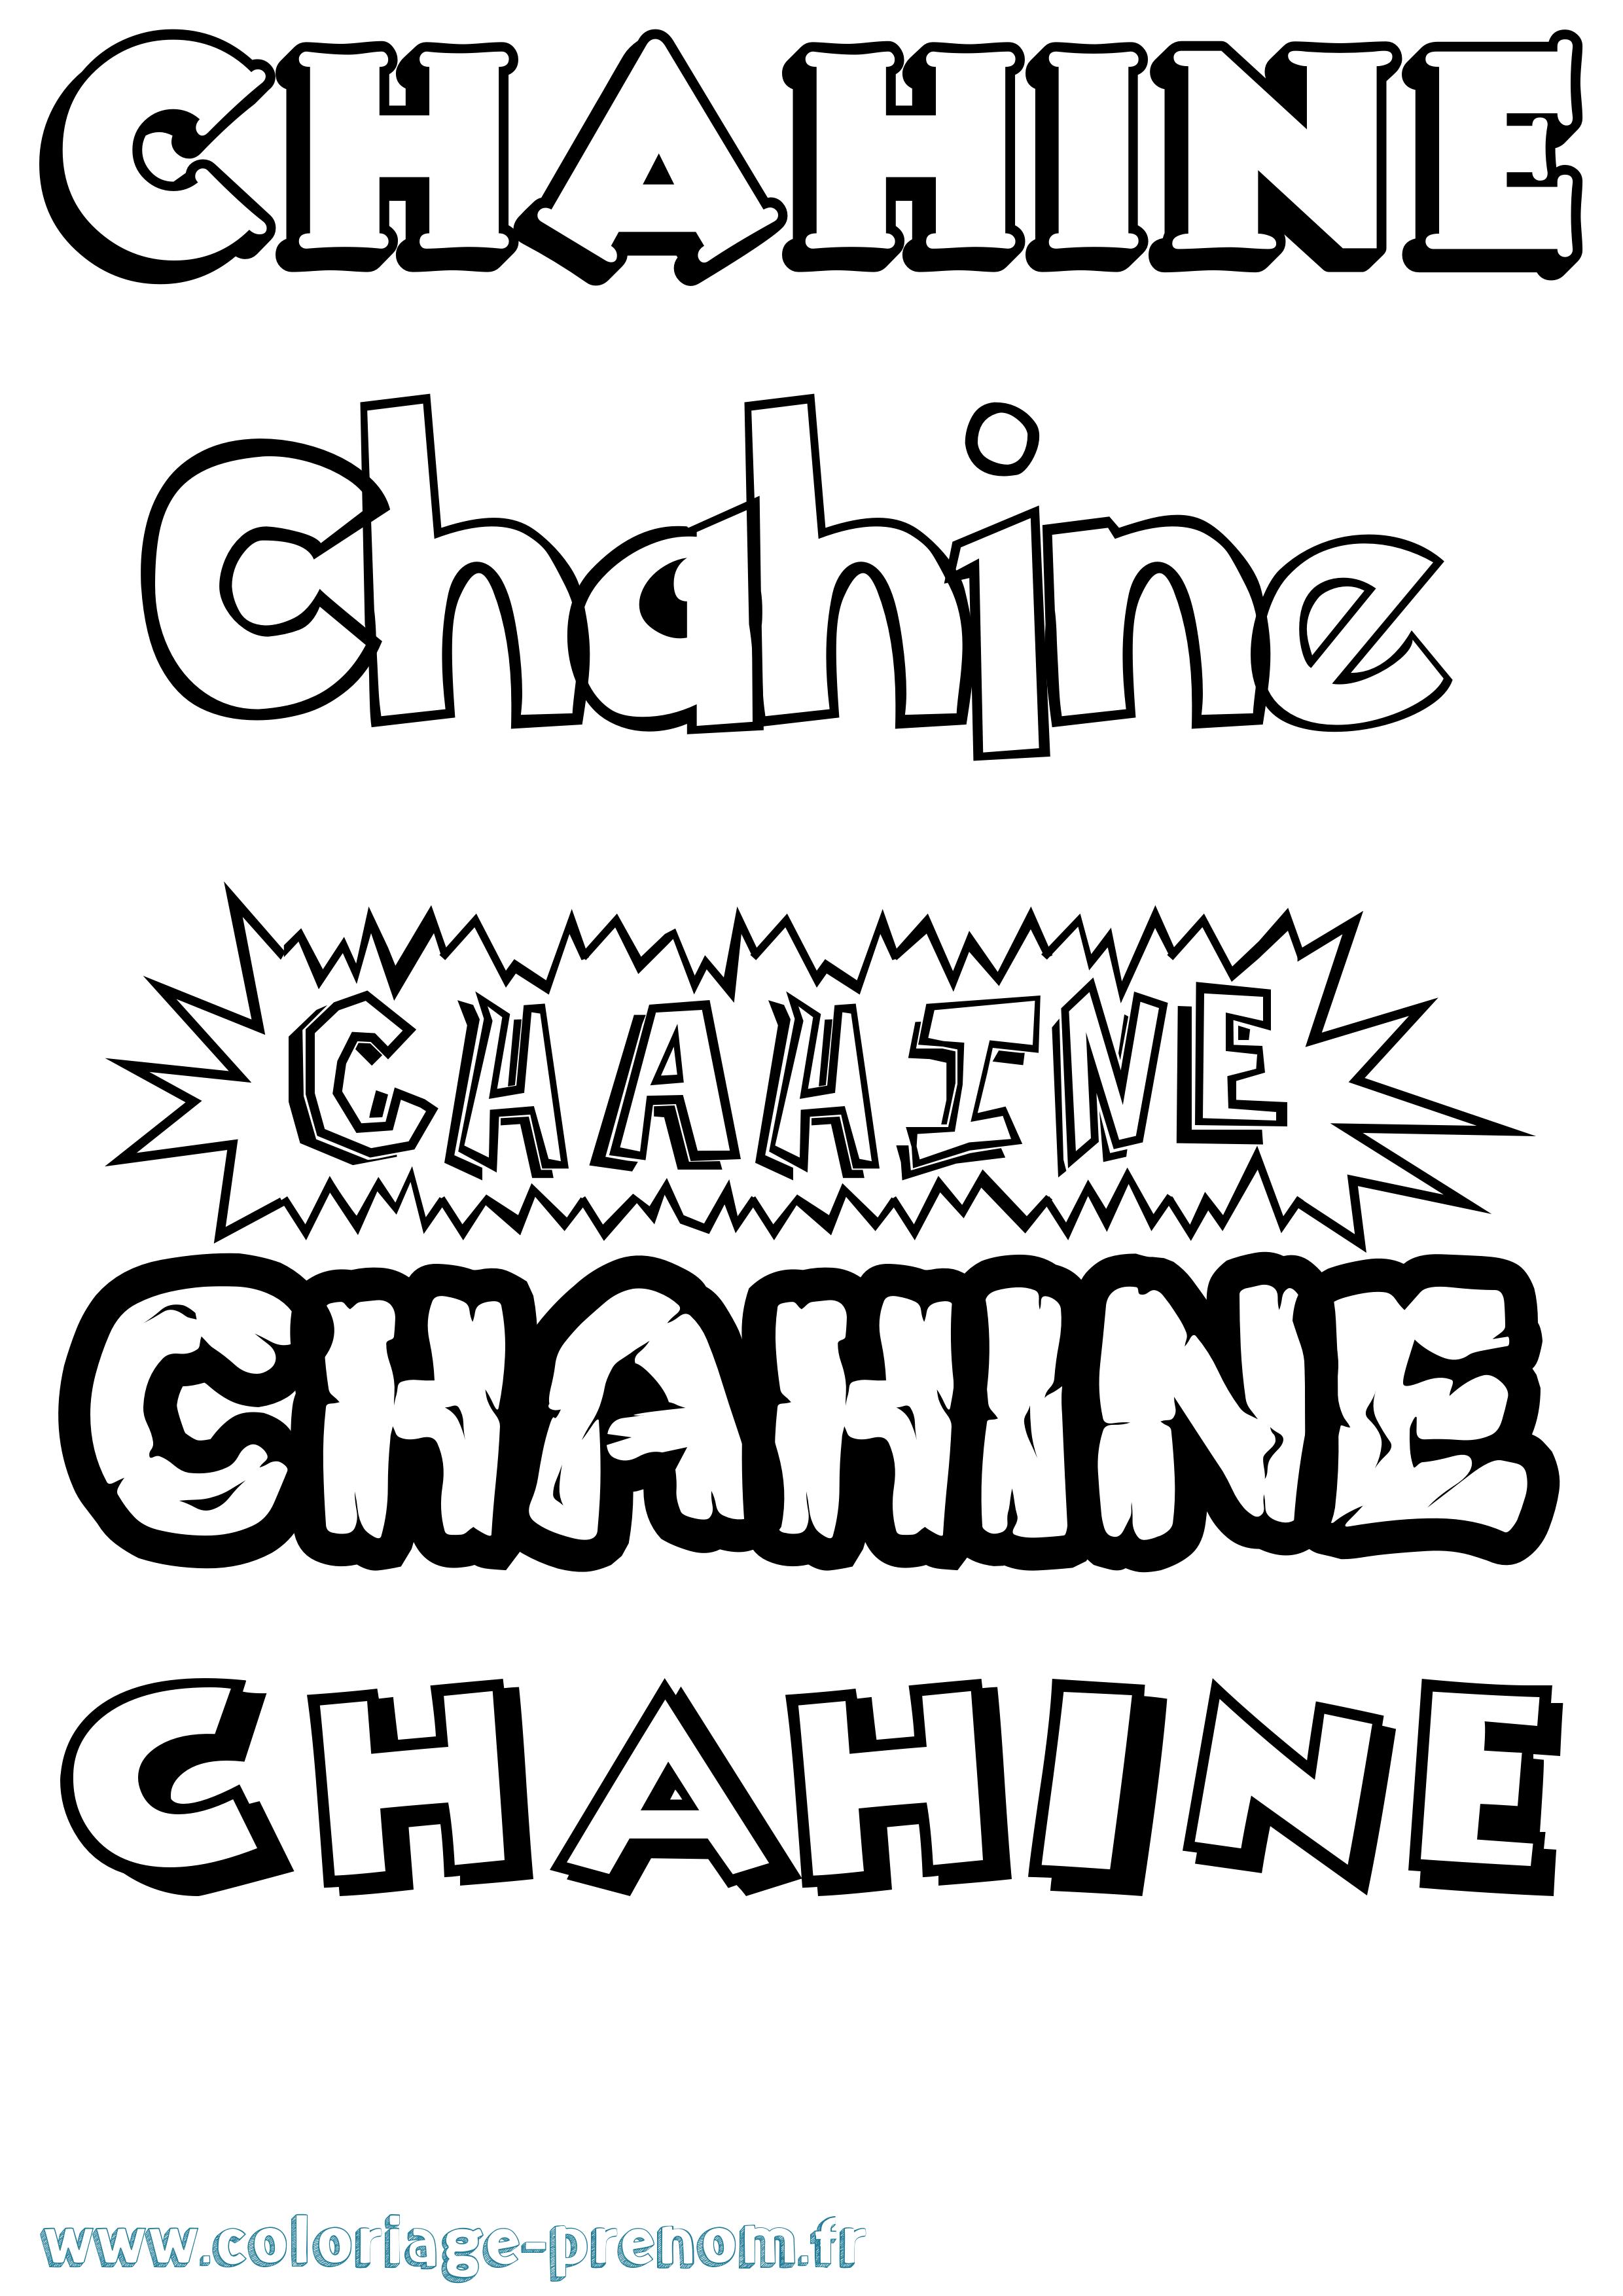 Coloriage Dessin Anime 2019.Coloriage Du Prenom Chahine A Imprimer Ou Telecharger Facilement